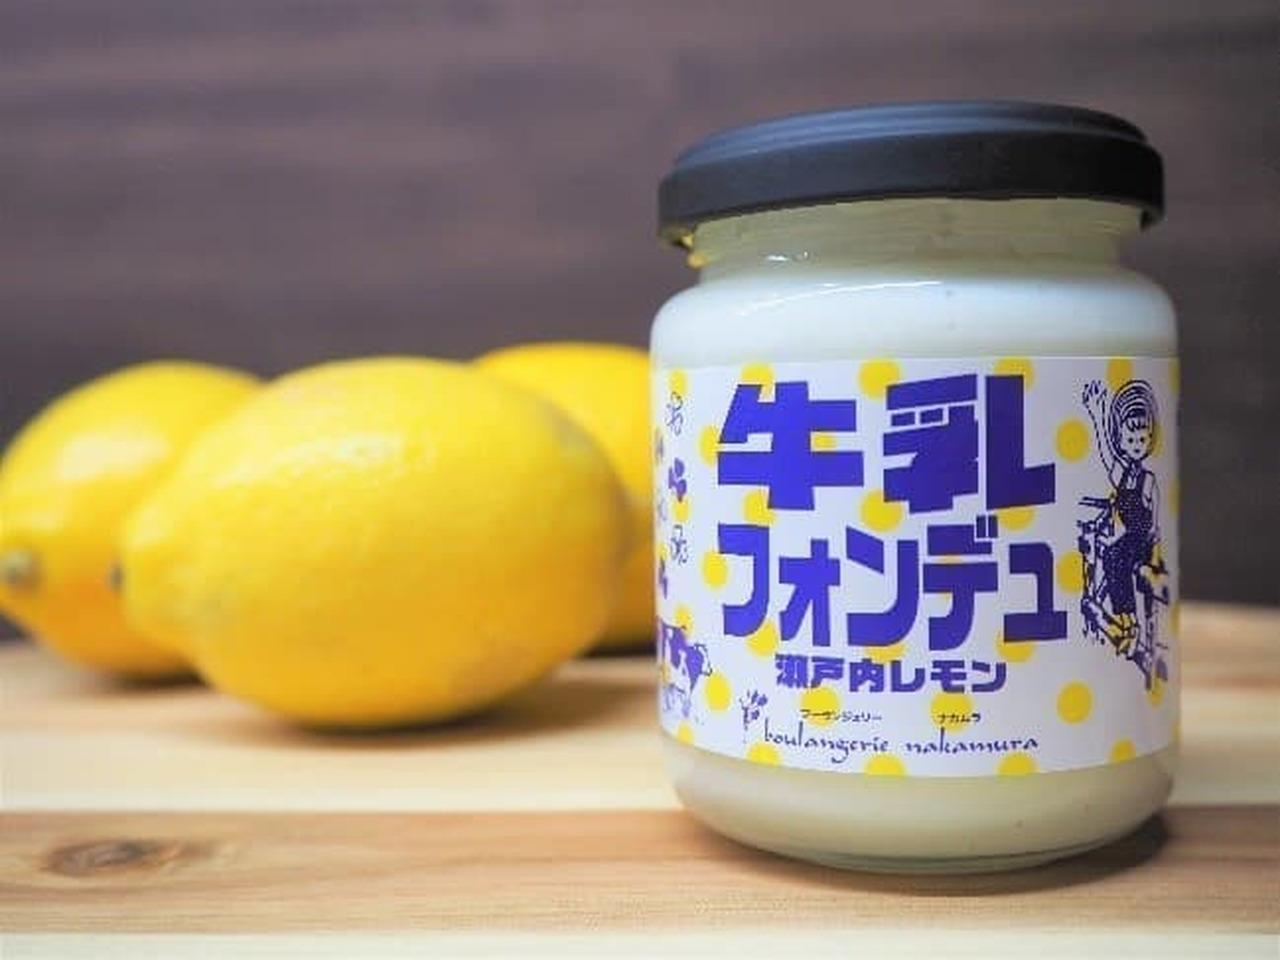 花夢うらら「牛乳フォンデュ瀬戸内レモン風味」